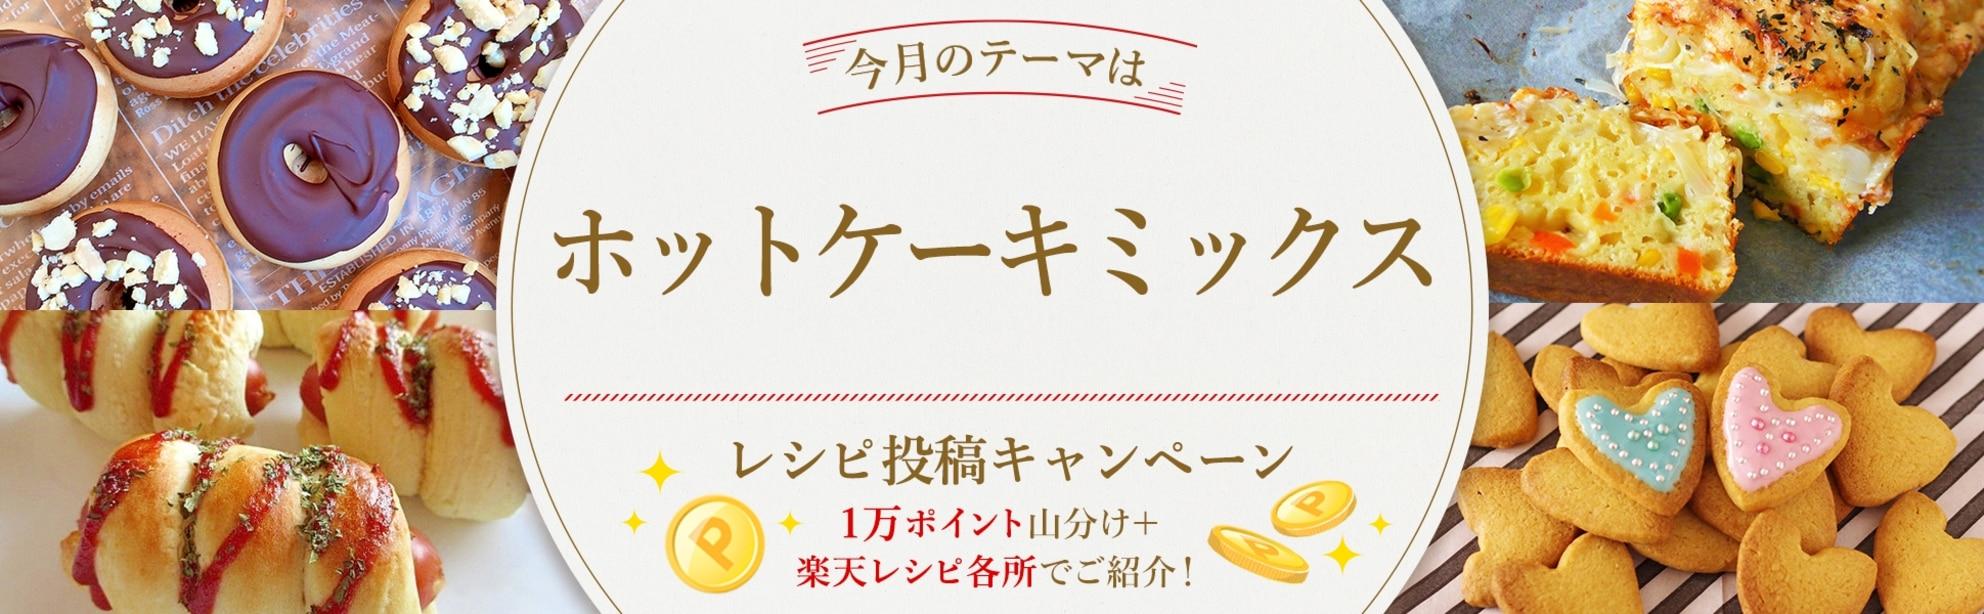 【毎月開催!】親子で料理やお菓子作りを楽しもう♪<今月のテーマは「ホットケーキミックス」!>